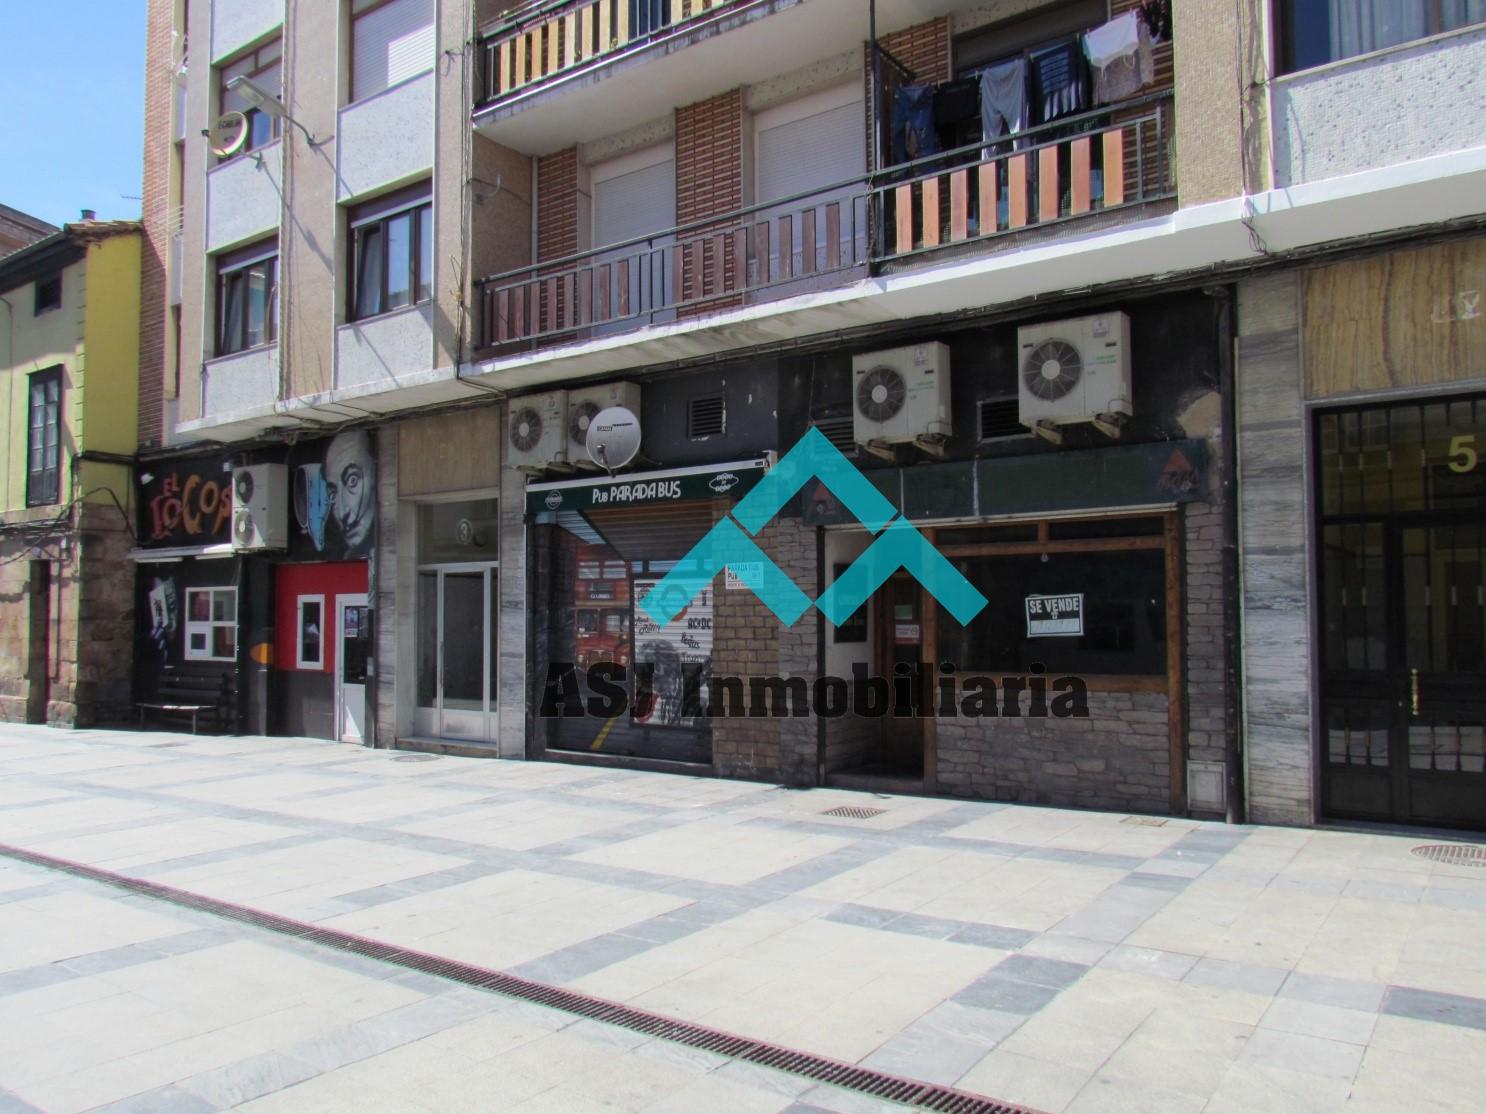 Negocio de hostelería en venta en Torrelavega